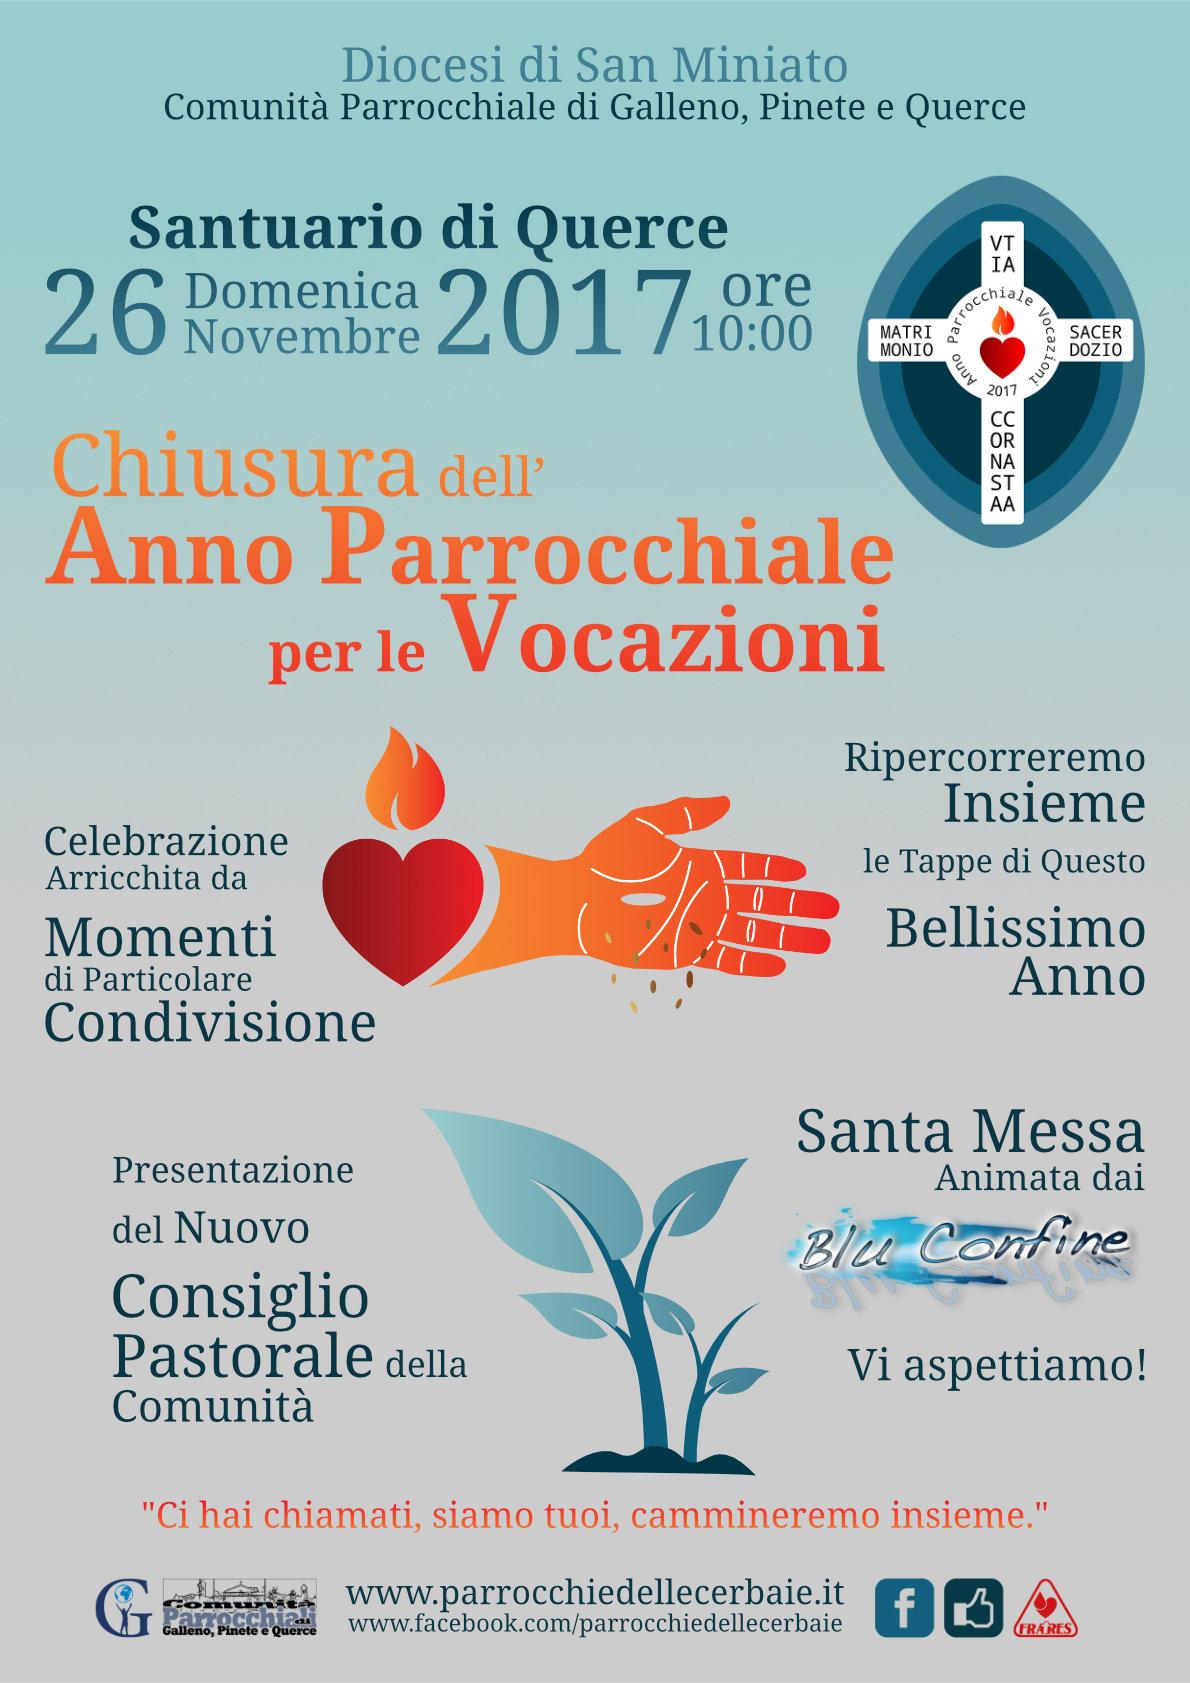 Chiusura Anno Parrocchiale per le Vocazioni al Santuario di Querce 26-11-2017